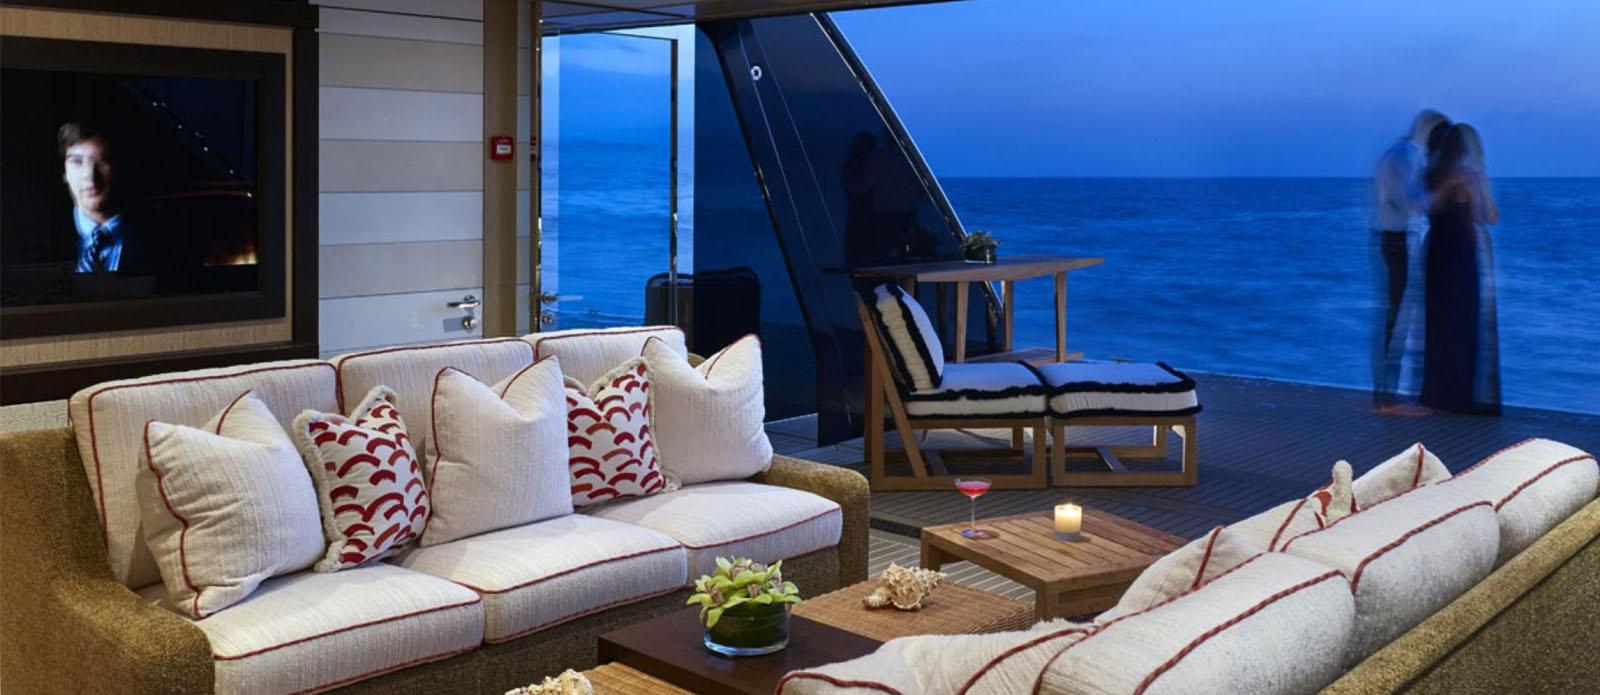 Tranquility - Balcony